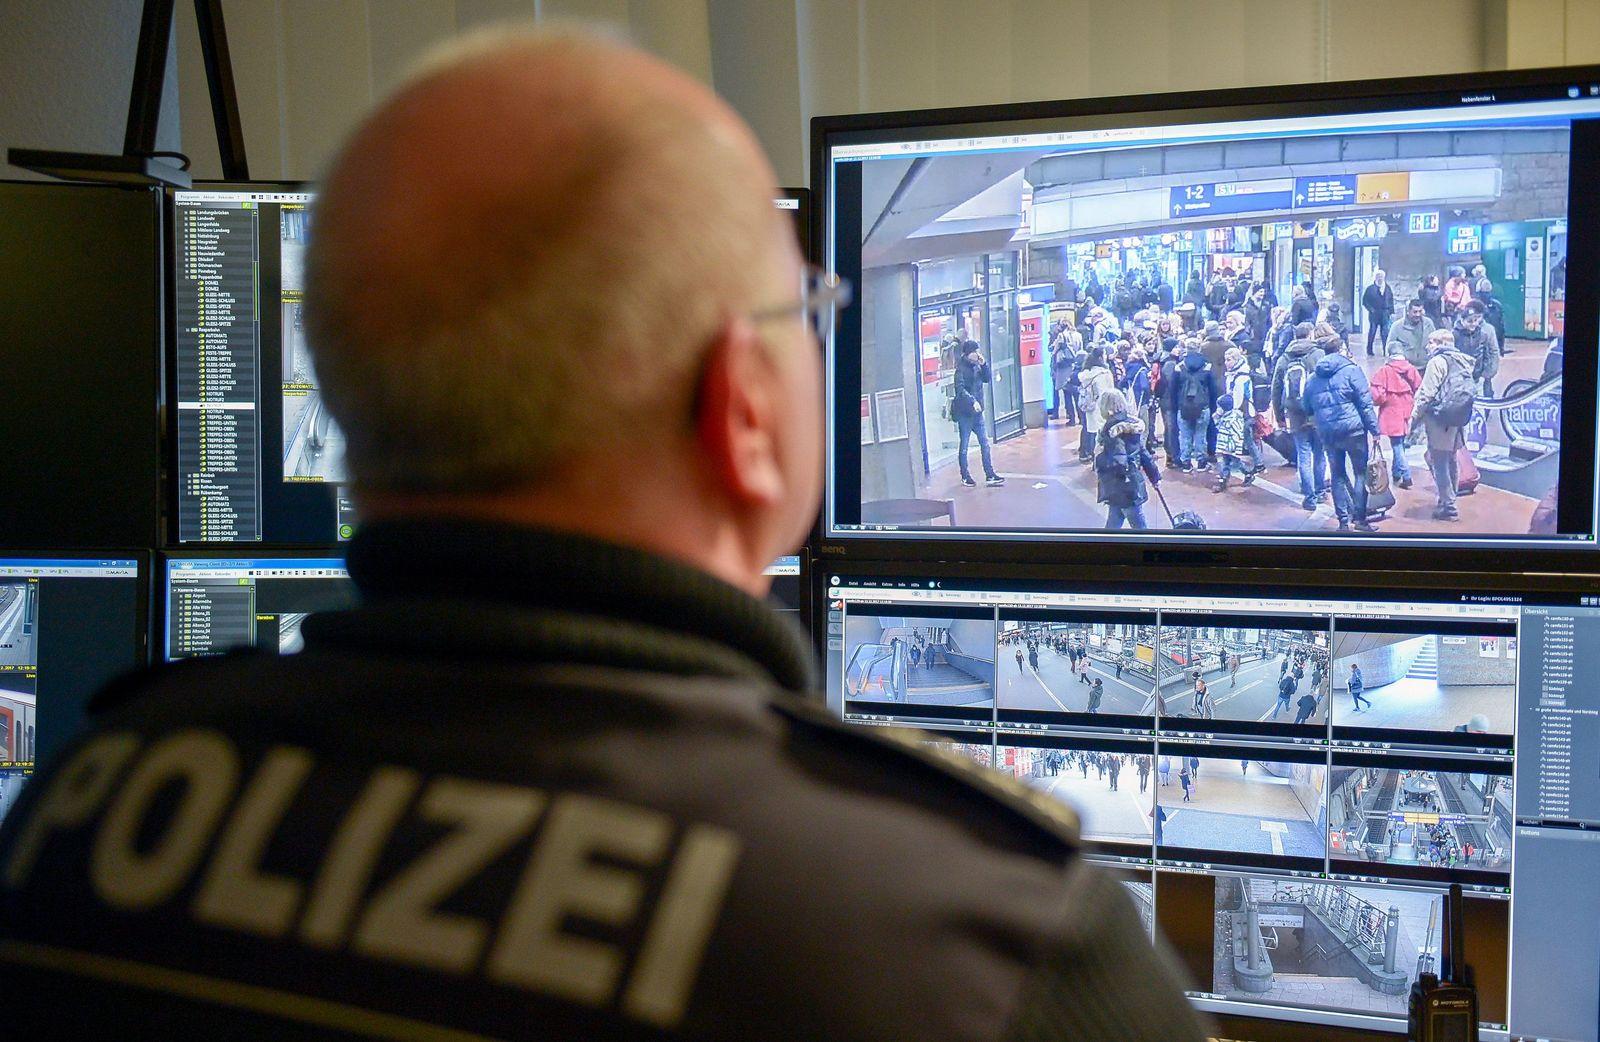 G20 Gesichtserkennung